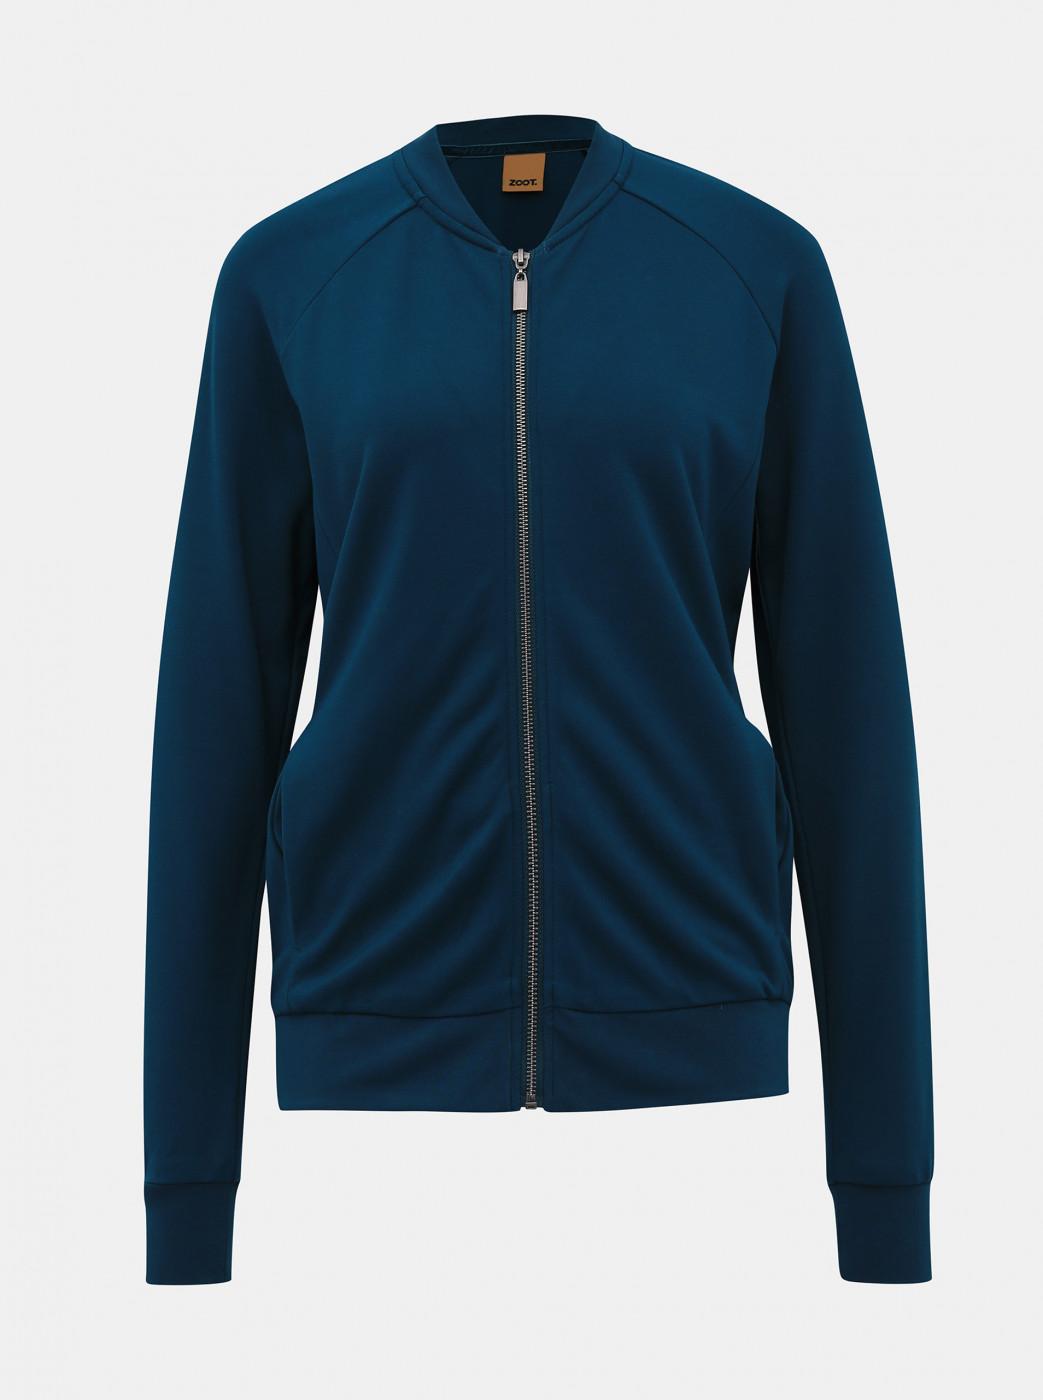 Blue Women's Sweatshirt ZOOT Baseline Norika